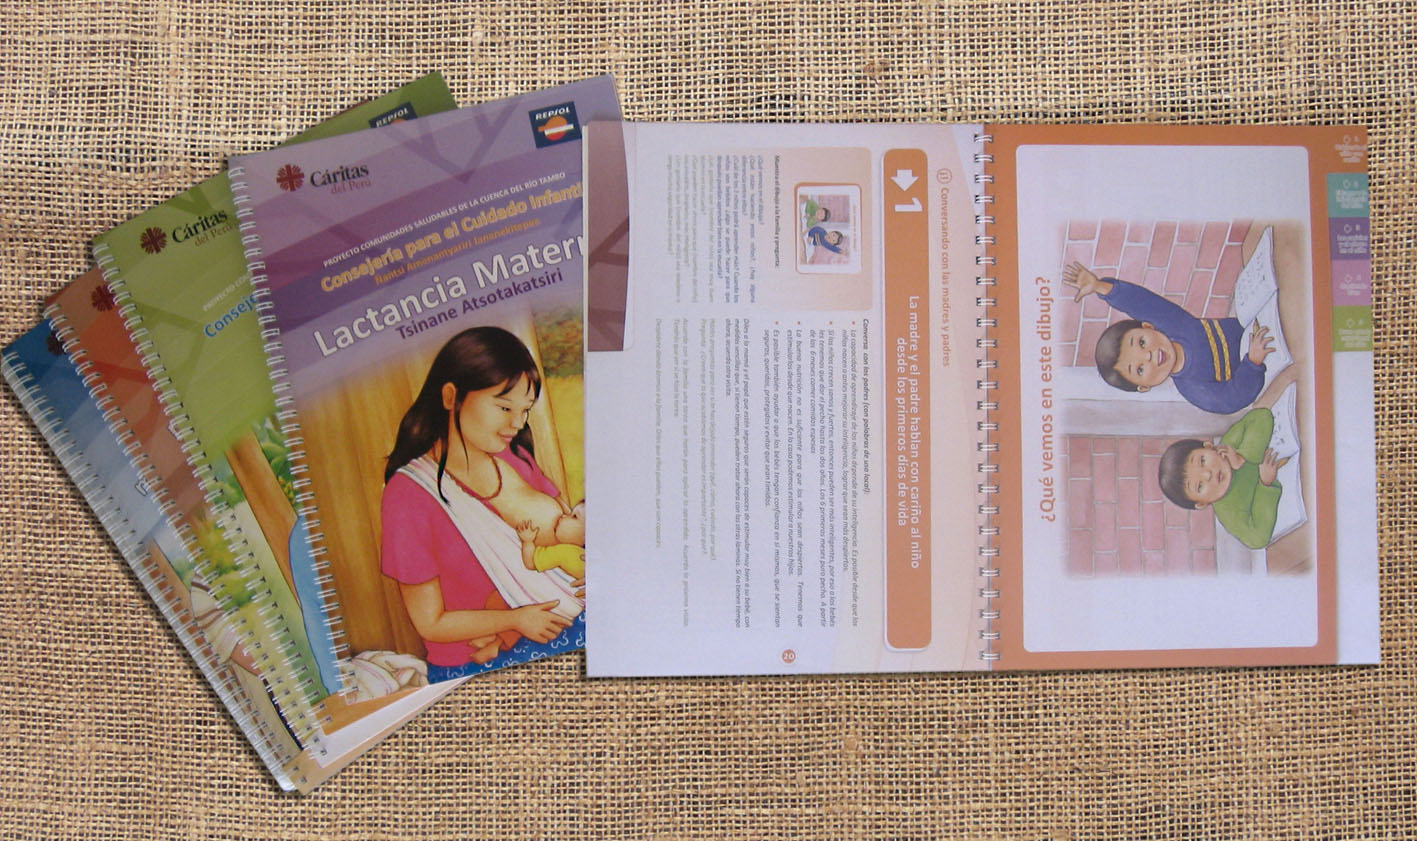 caritas manuales dr moran.JPG